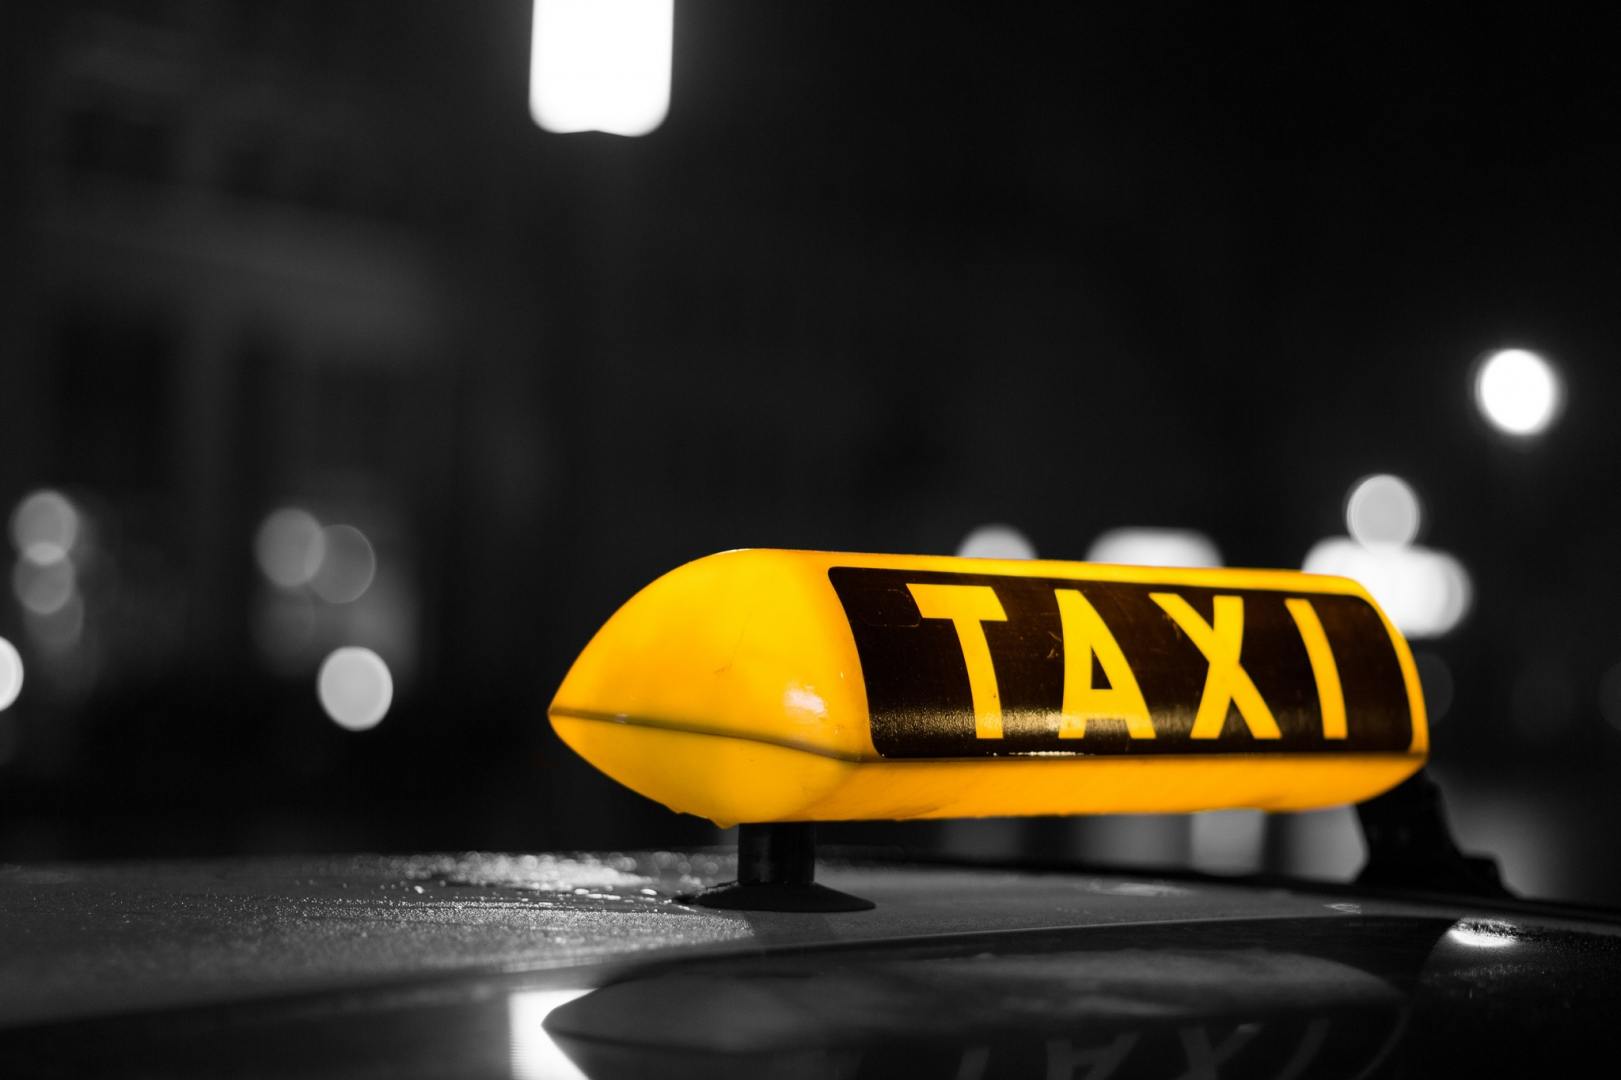 Такси картинки